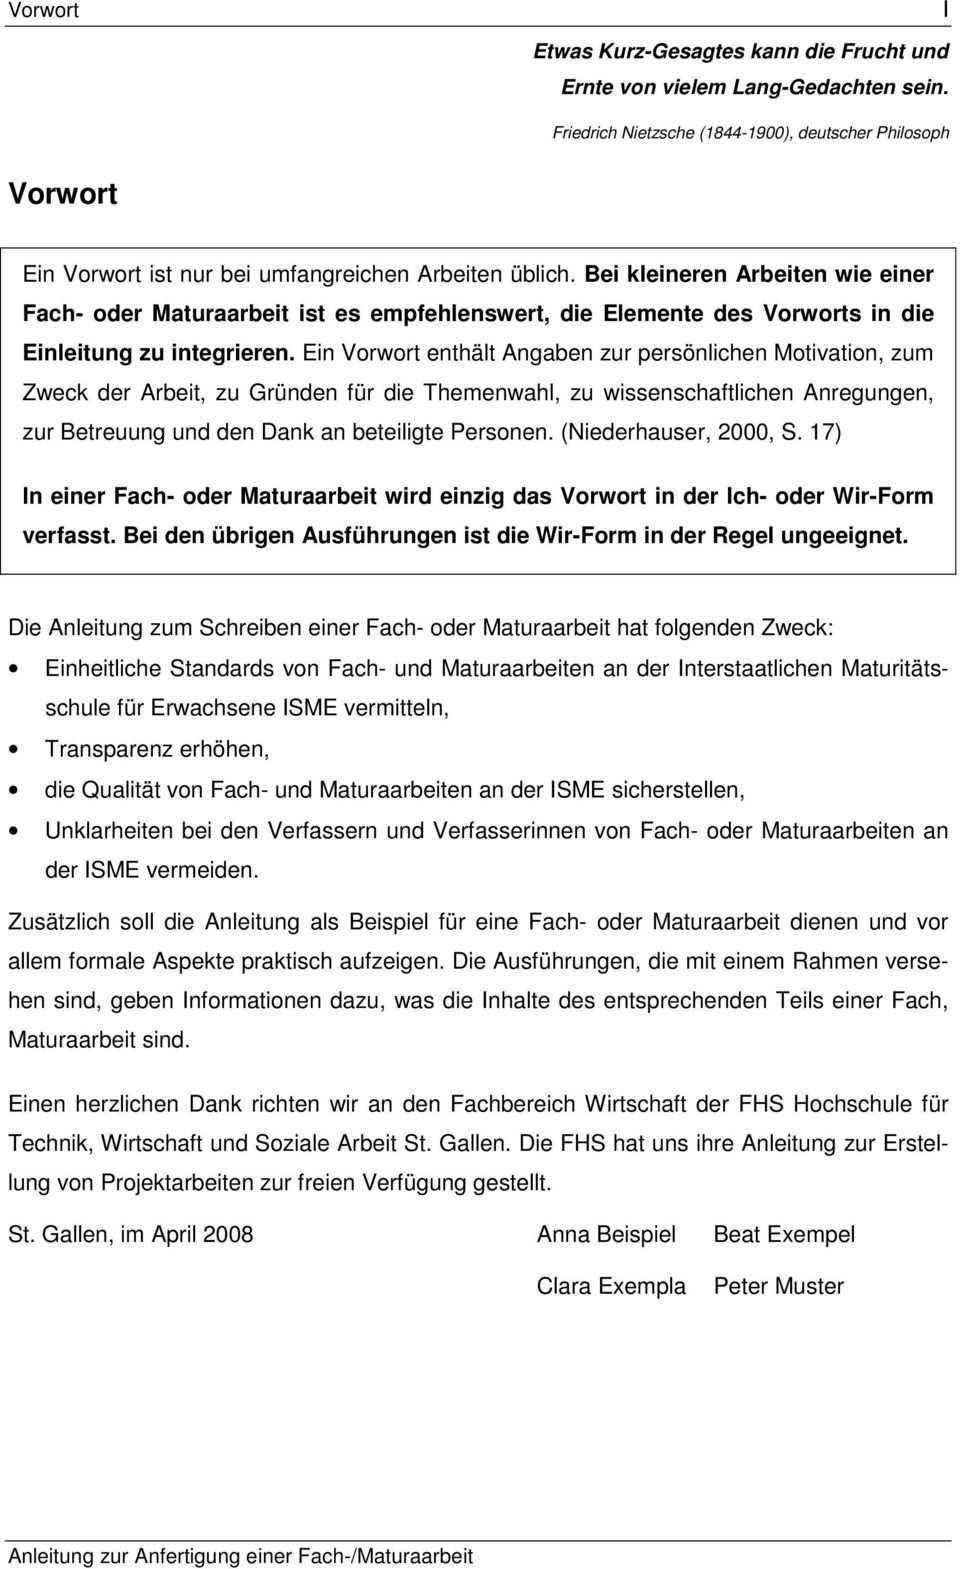 Anleitung Zum Schreiben Einer Fach Oder Maturaarbeit Pdf Free Download